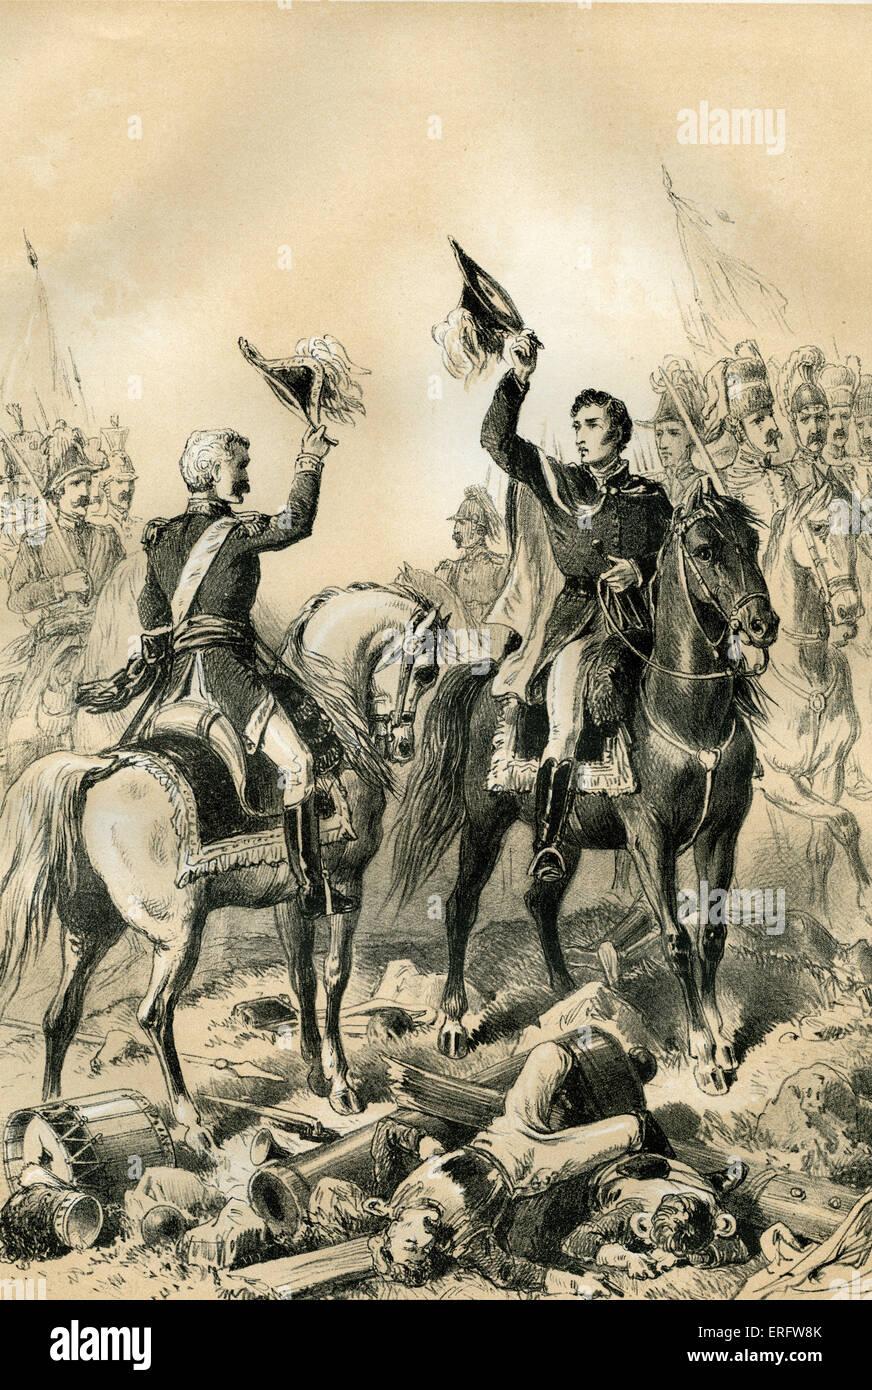 La Reunión de Wellington y Blucher en Waterloo. Wellington llevó al ejército británico y Blucher Imagen De Stock